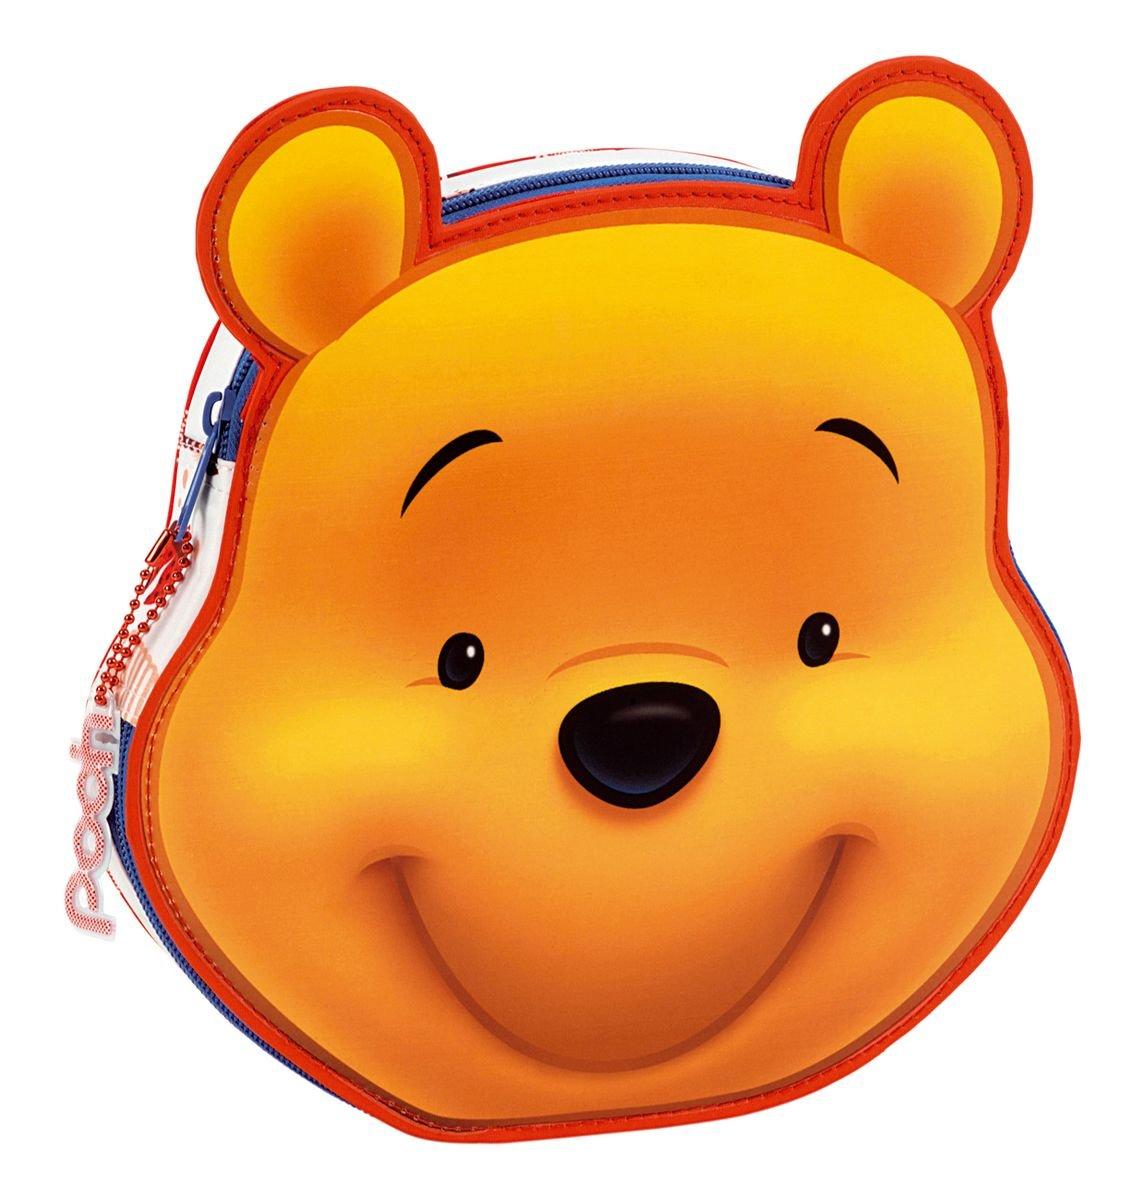 Exclusiv*Winnie the Pooh Federmappe Sch/üleretui Kinder gef/üllt